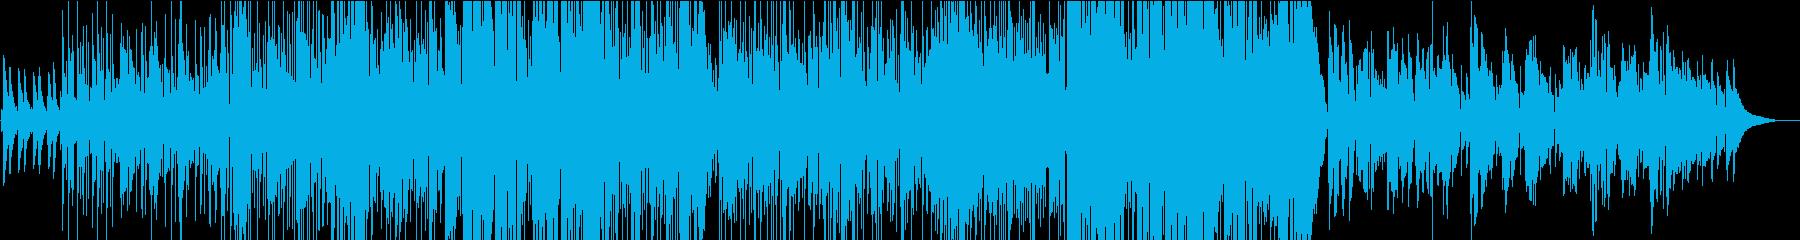 ノラジョーンズ風アコースティックバラードの再生済みの波形